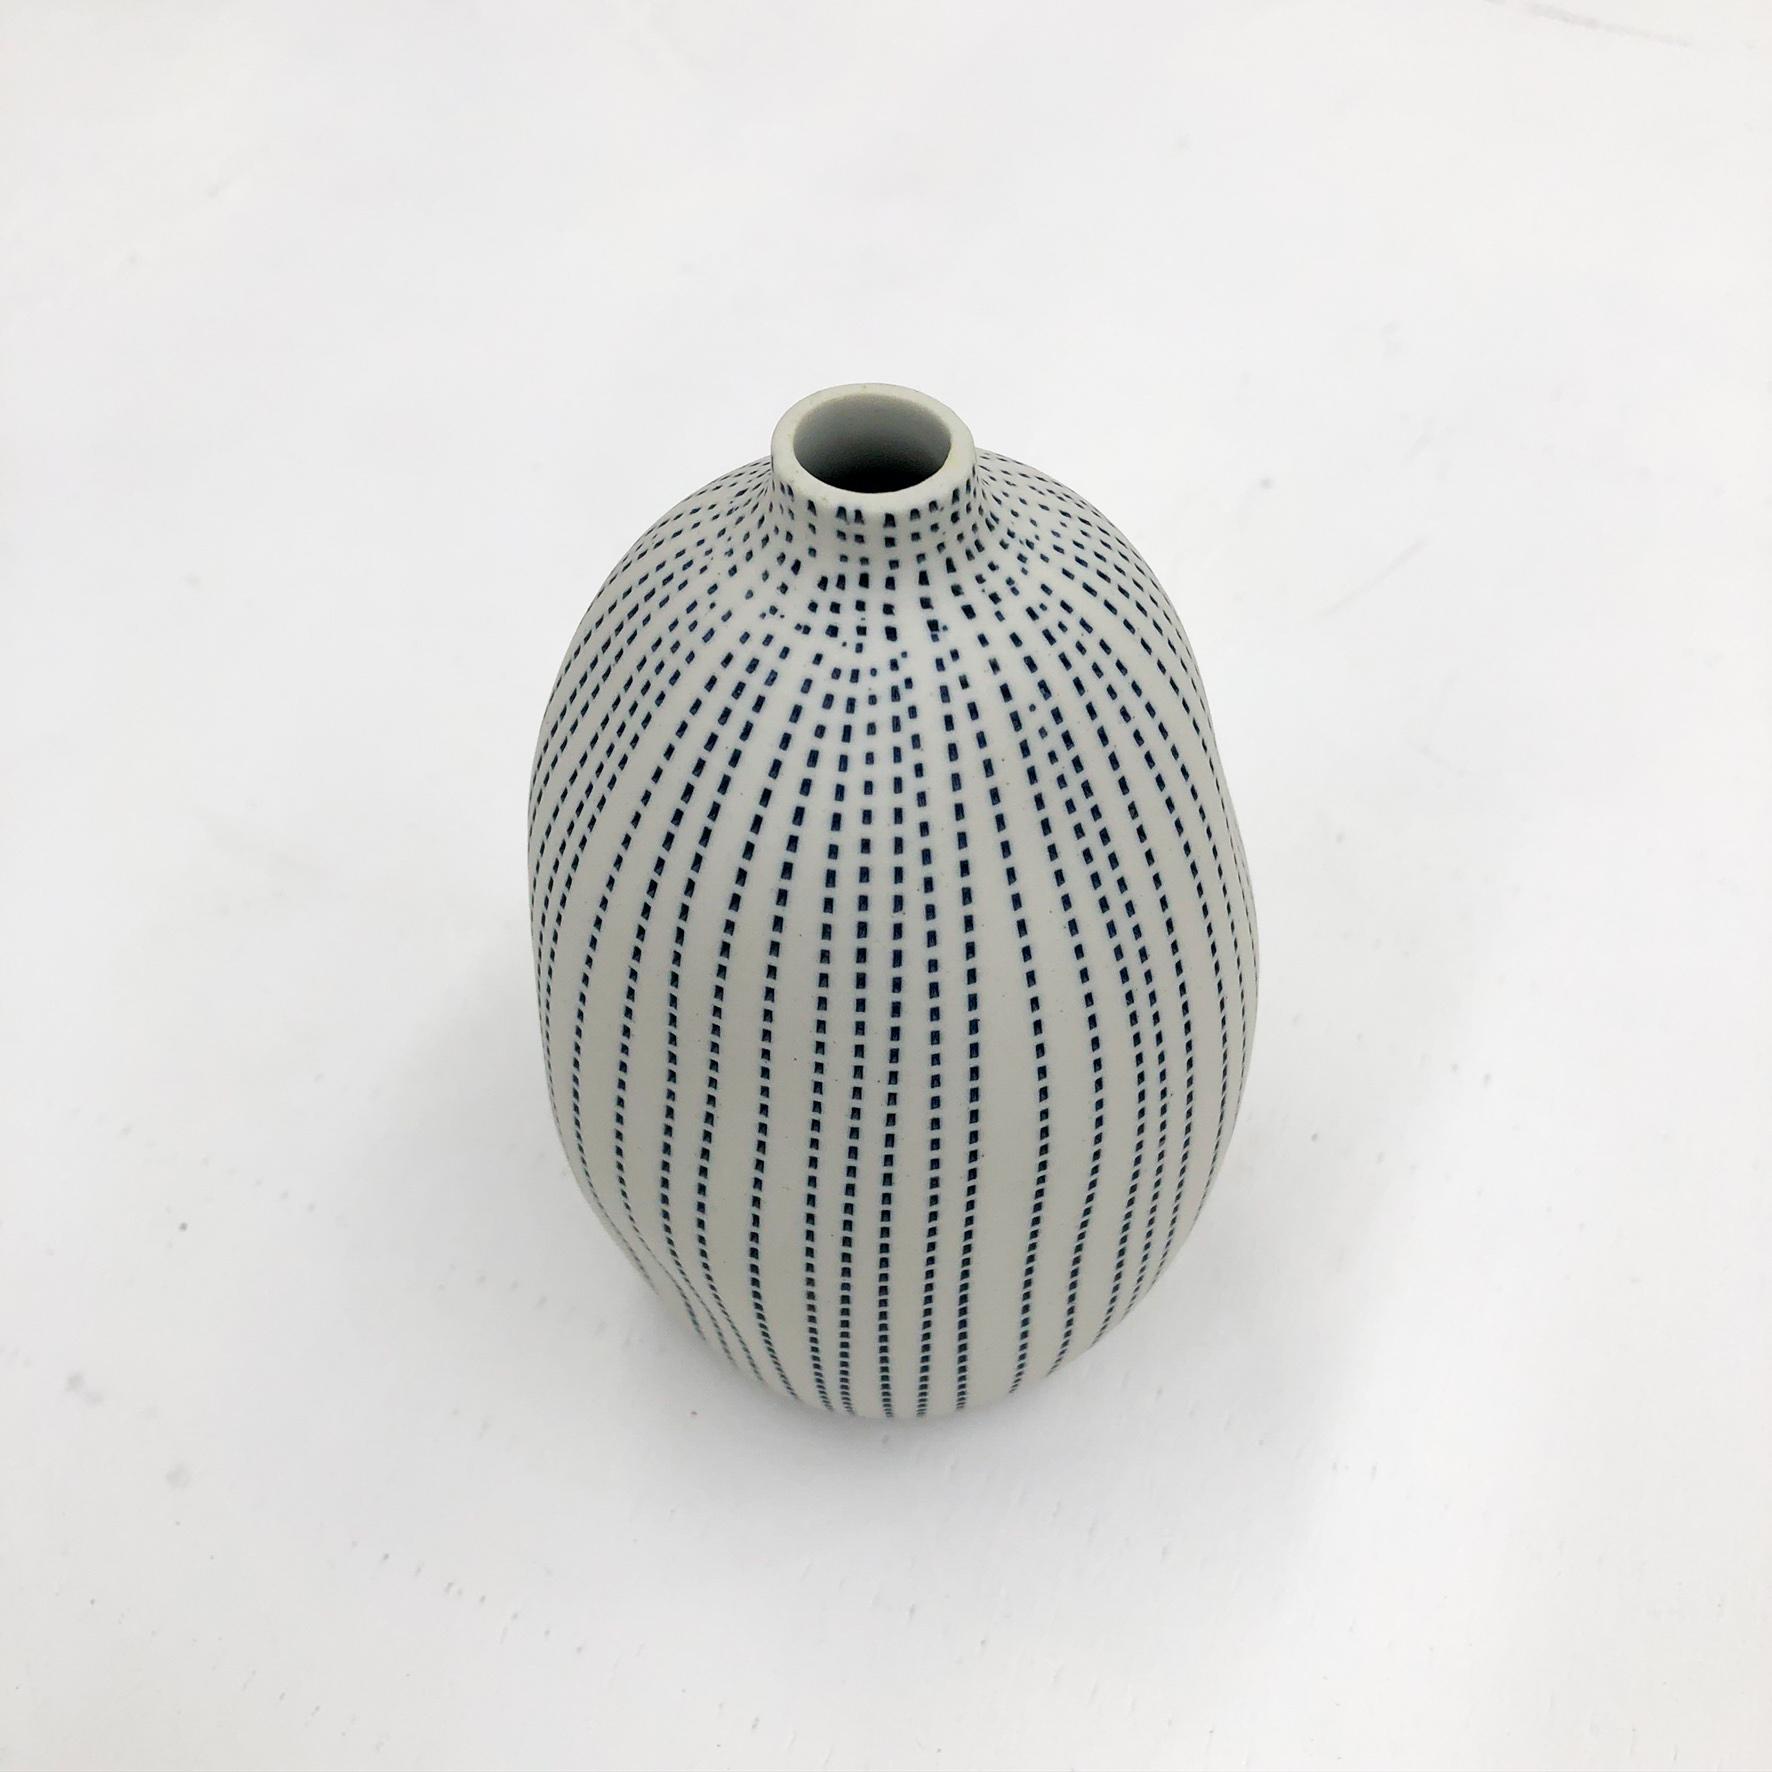 Gugu Sag L Handmade Vase - White & Blue Dots